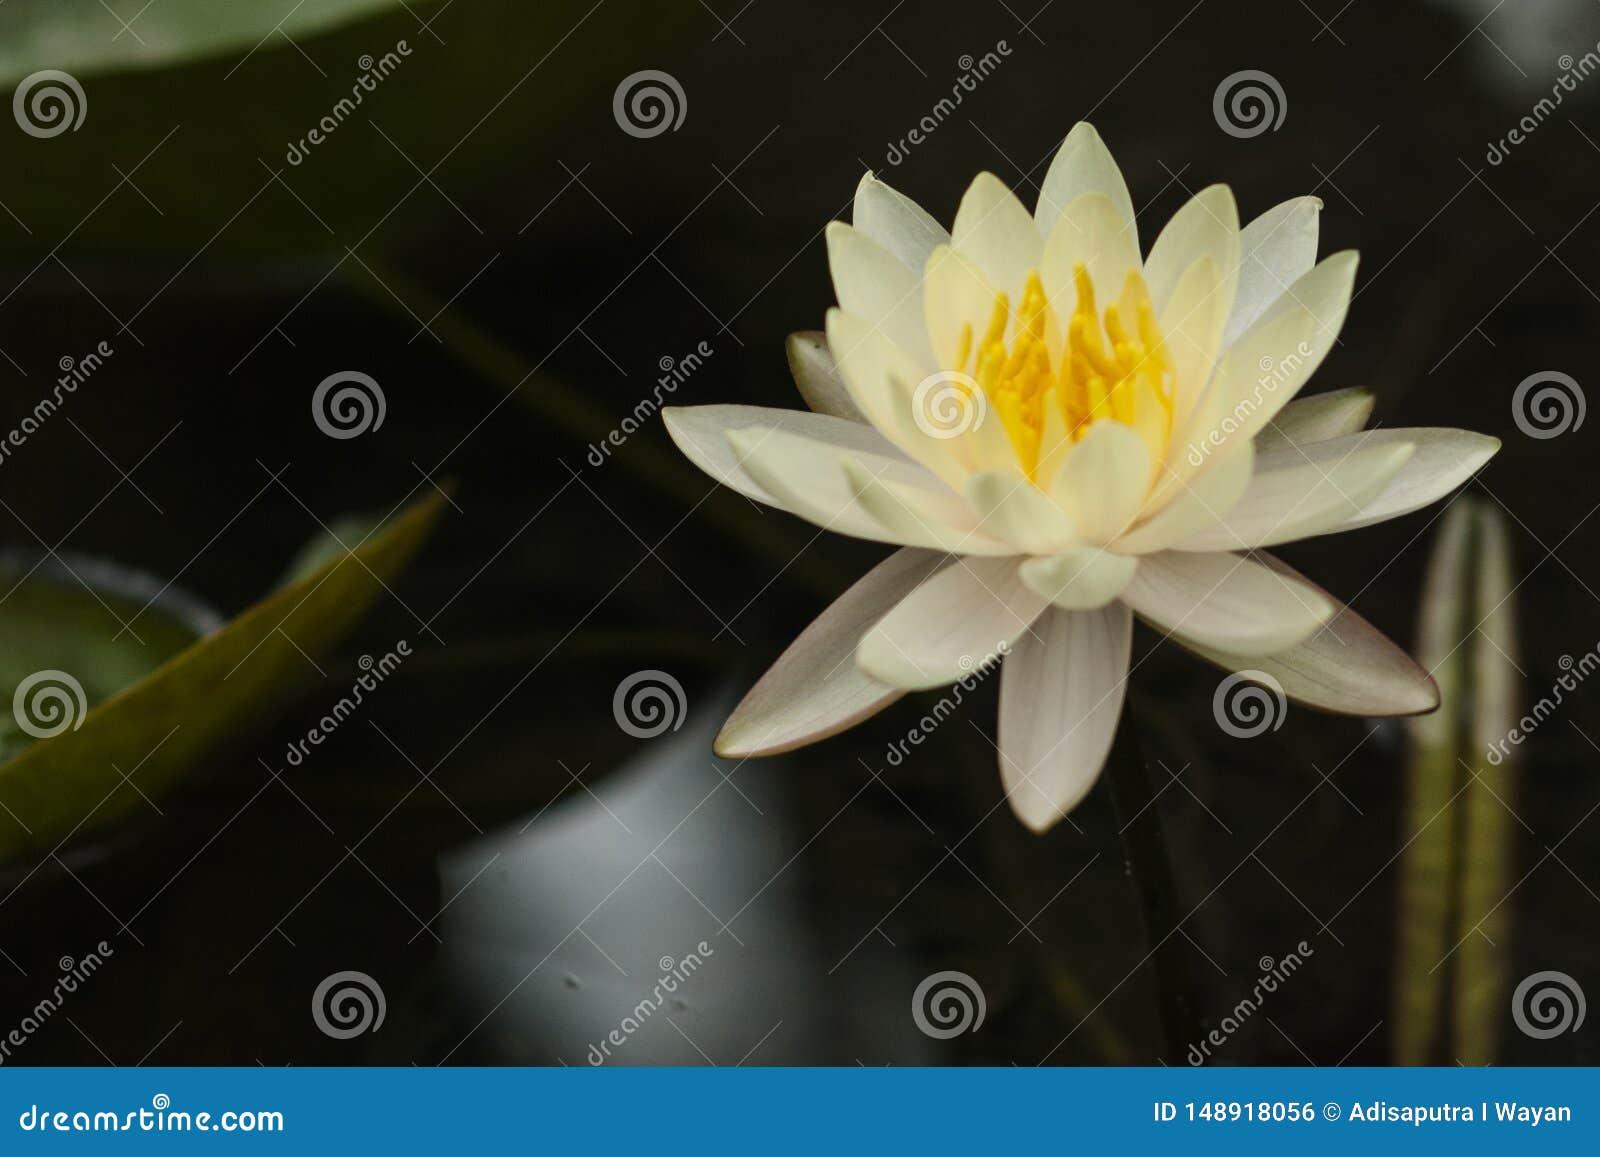 Flor blanca del lirio de agua amarilla de Bali con el fondo oscuro